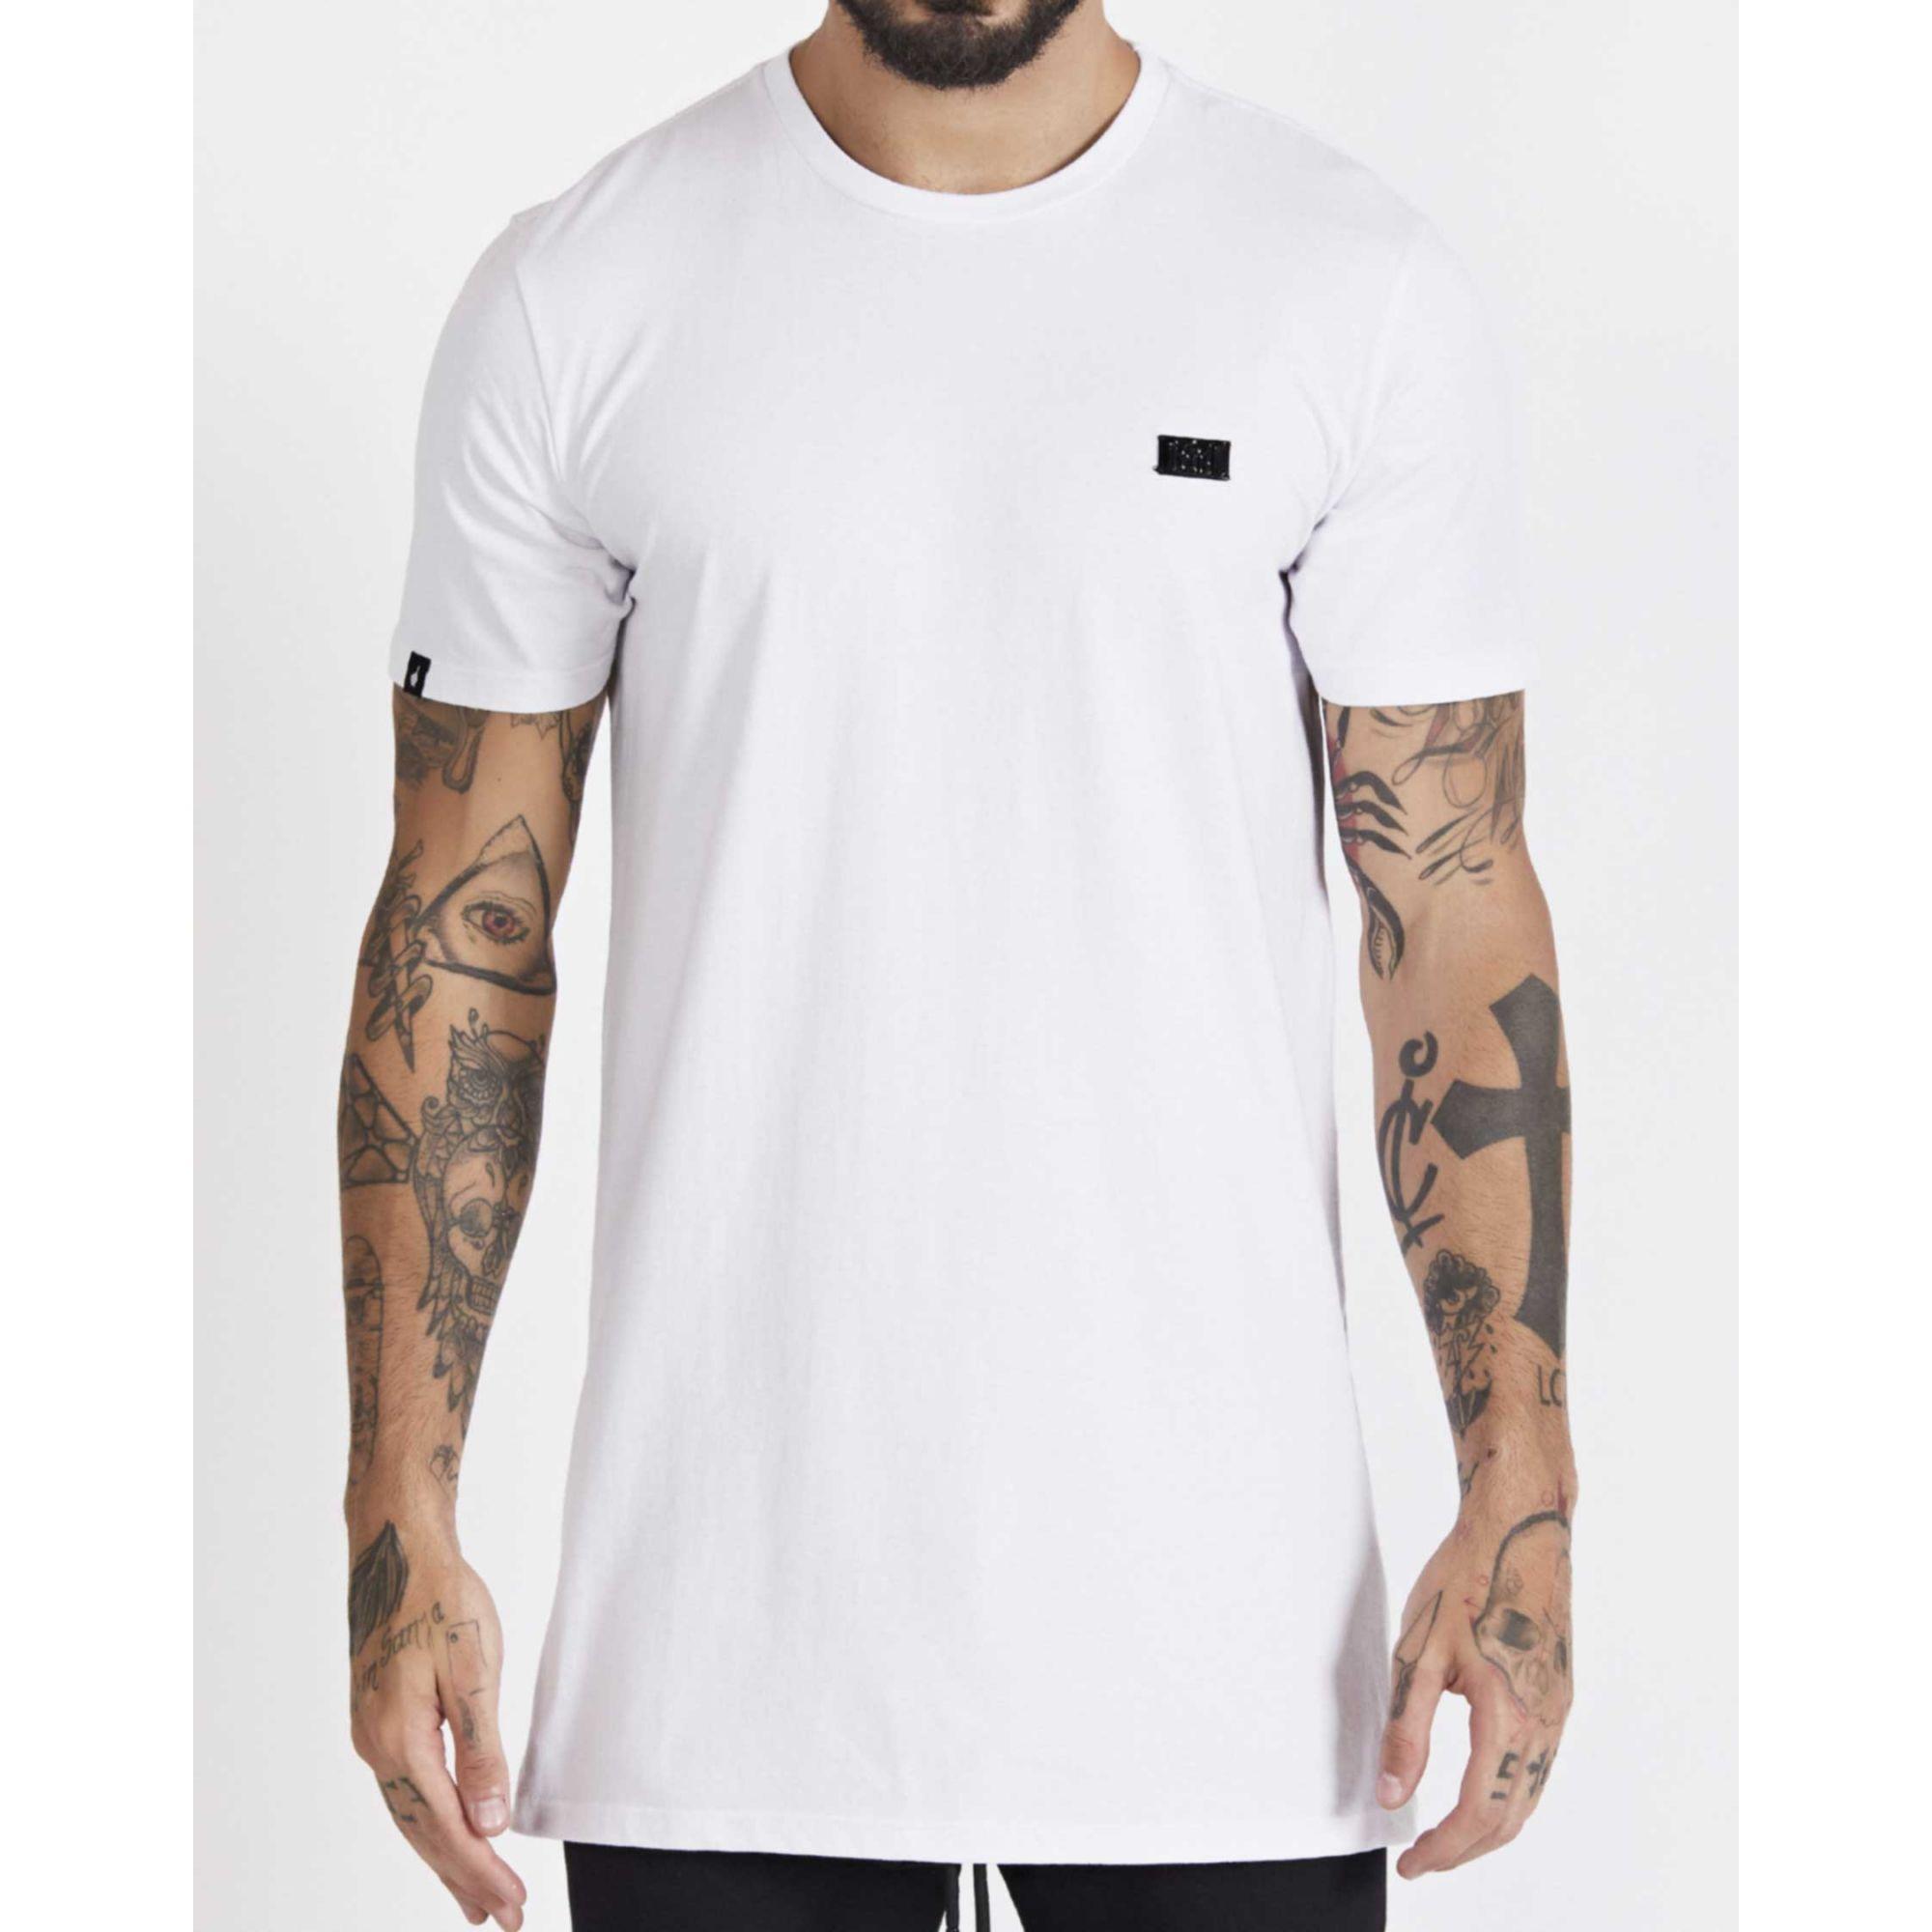 Camiseta Buh Cotton Plaquinha White